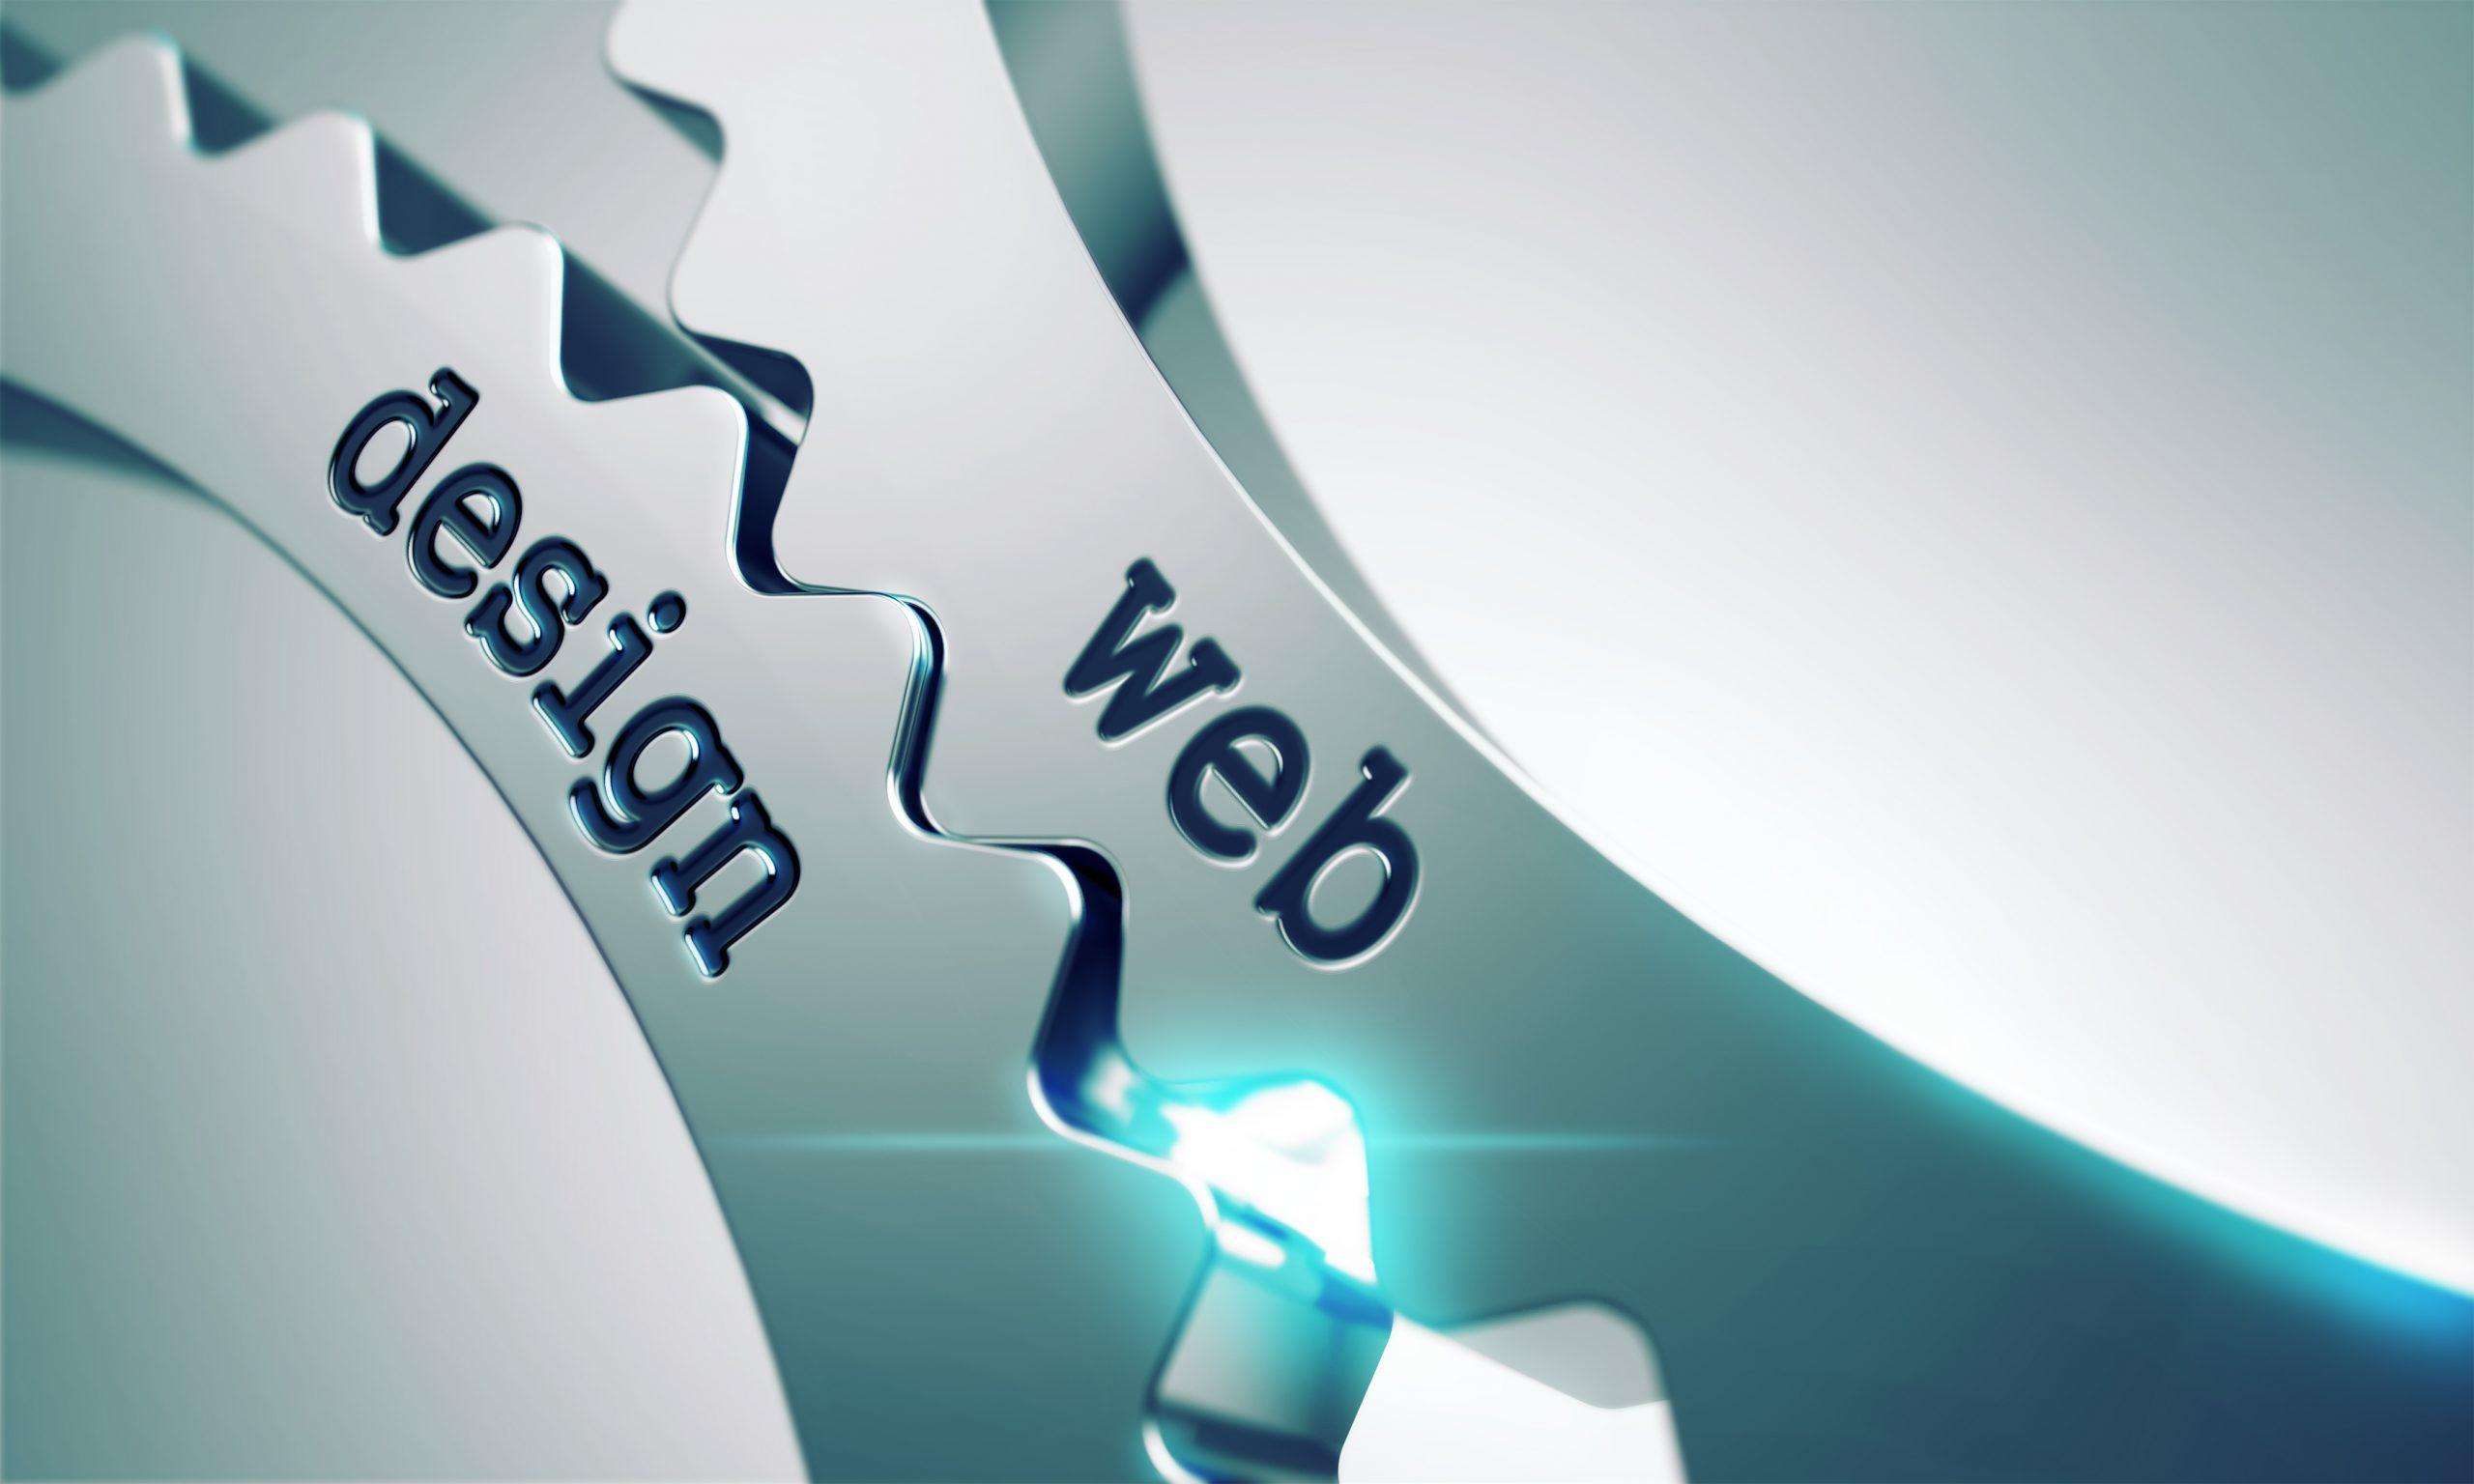 طراحی وب سایت ارزان*سئوی سایت *محتوانویسی* تبلیغات و بازاریابی 09190475083